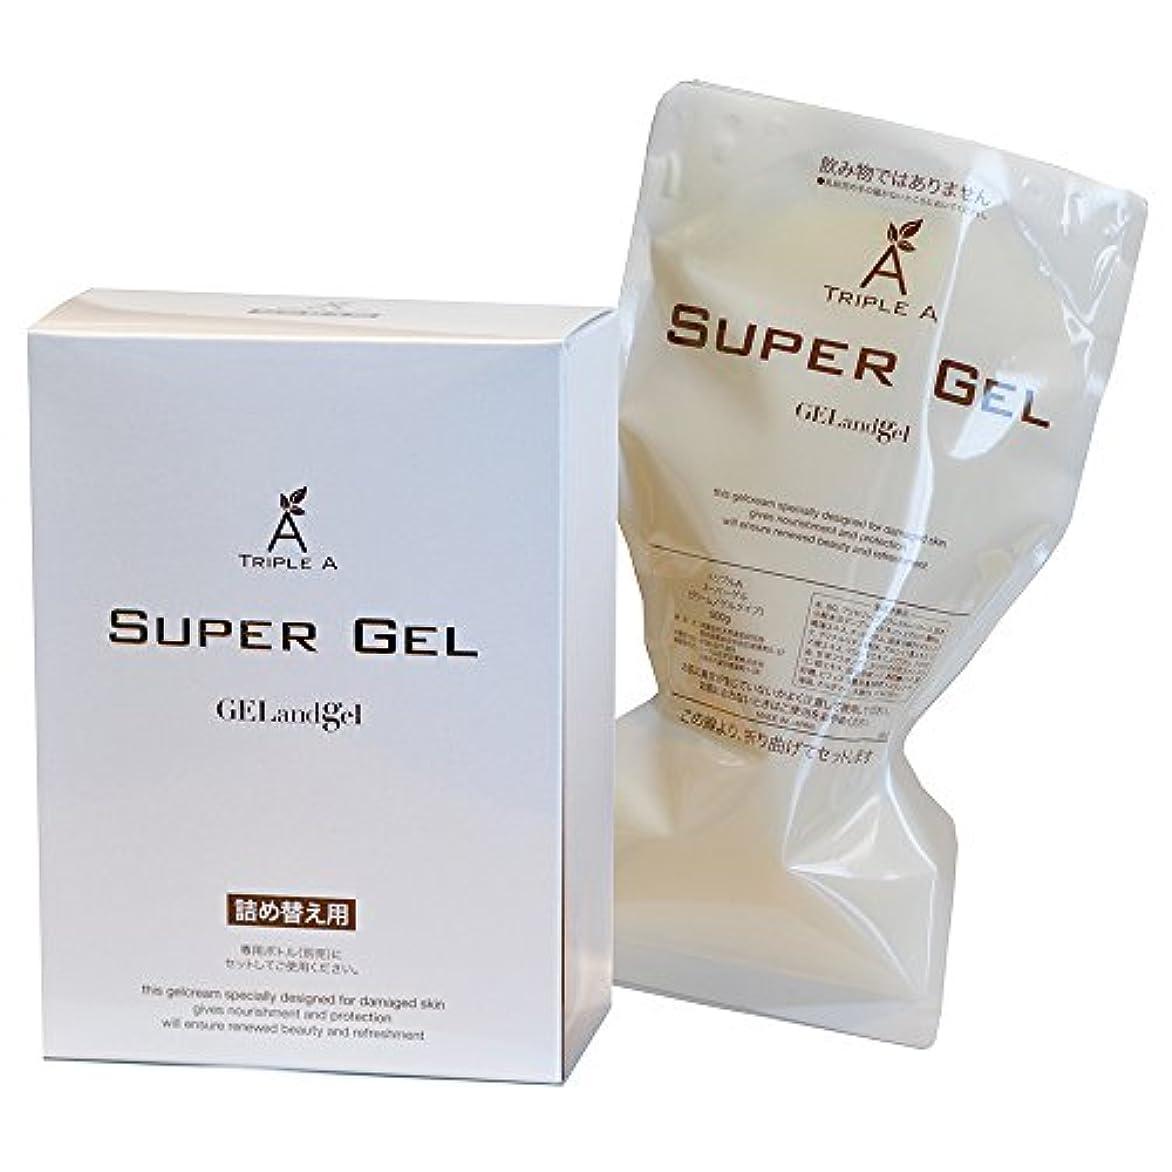 考える一般的に言えば鉄ゲルアンドゲル スーパーゲル500